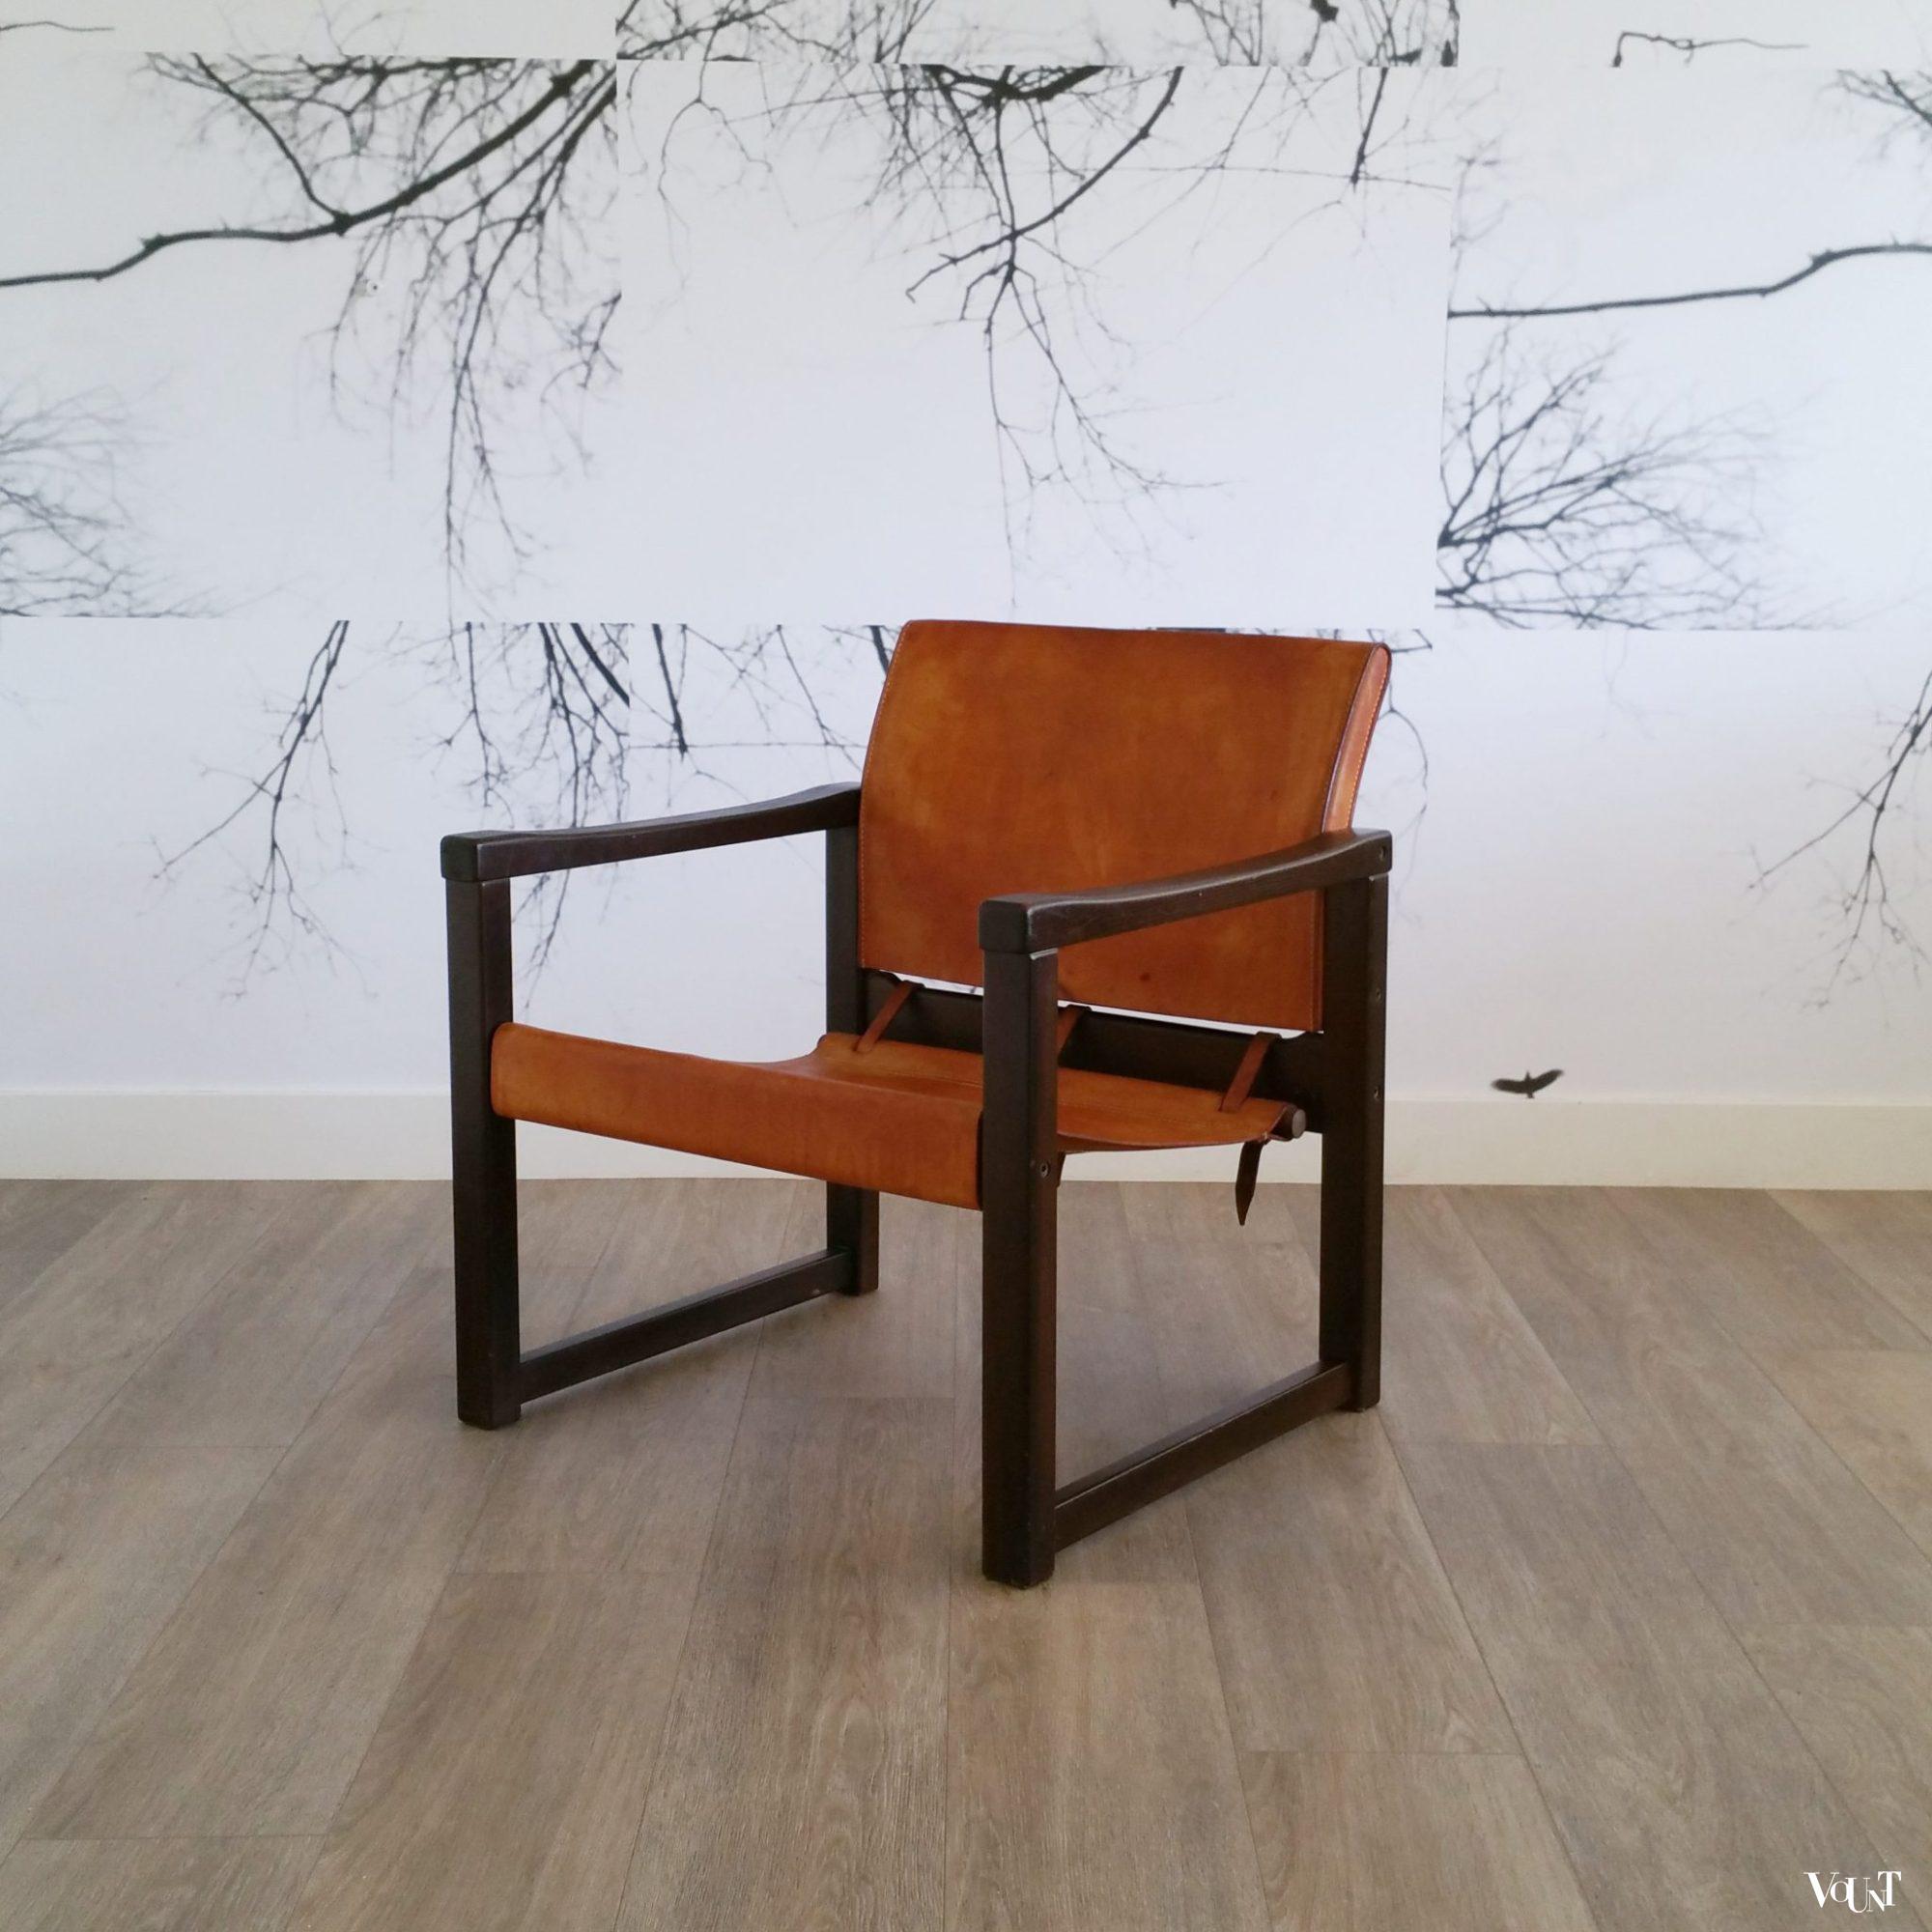 Ikea Leren Stoel.Leren Safaristoel Diana Karin Mobring Voor Ikea Zweden Jaren 70